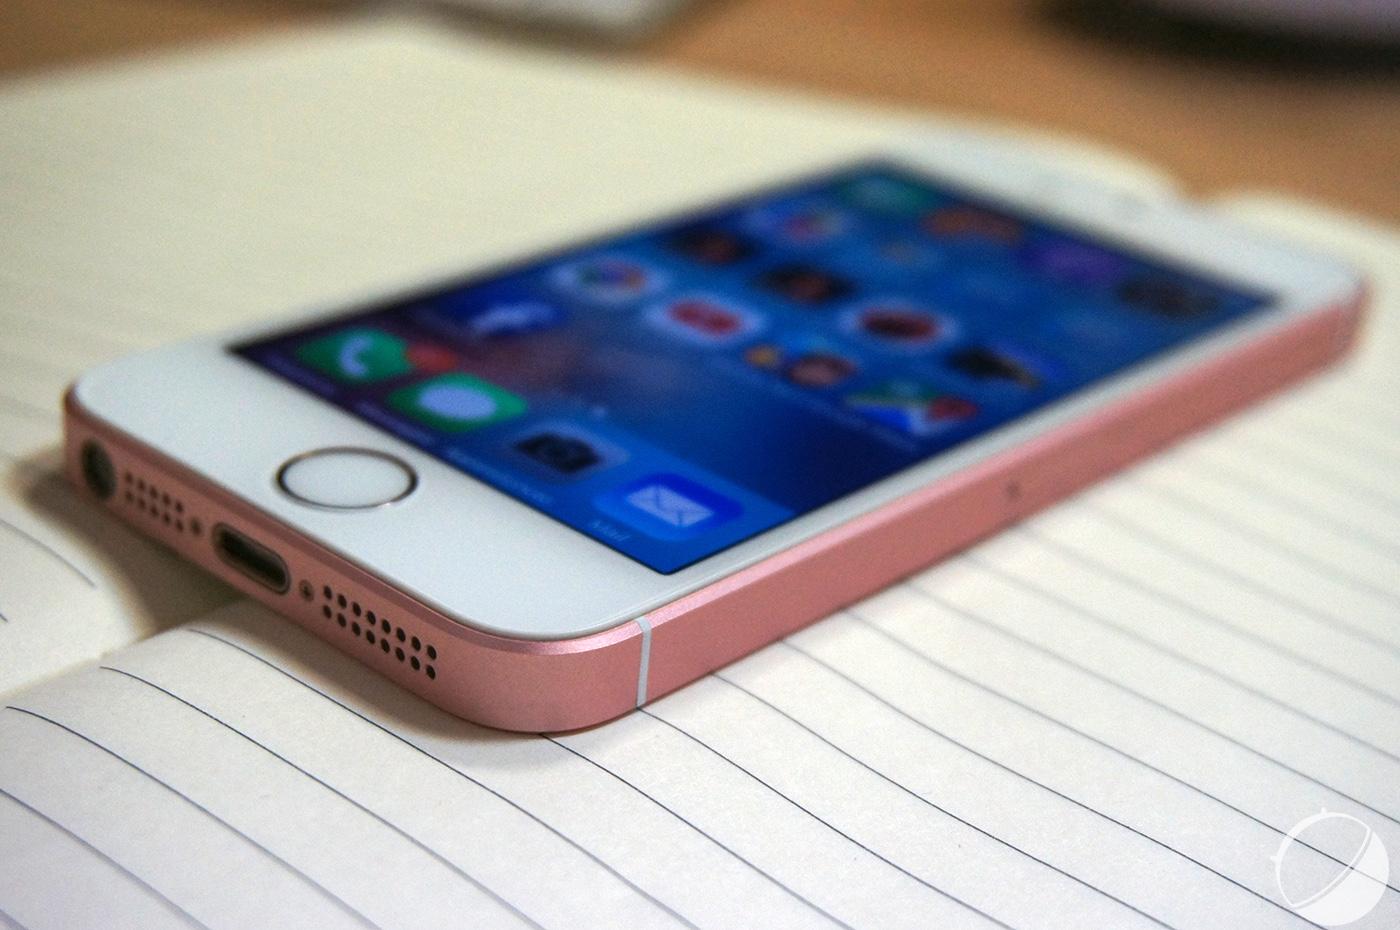 Quelle Coque Pour Iphone Se